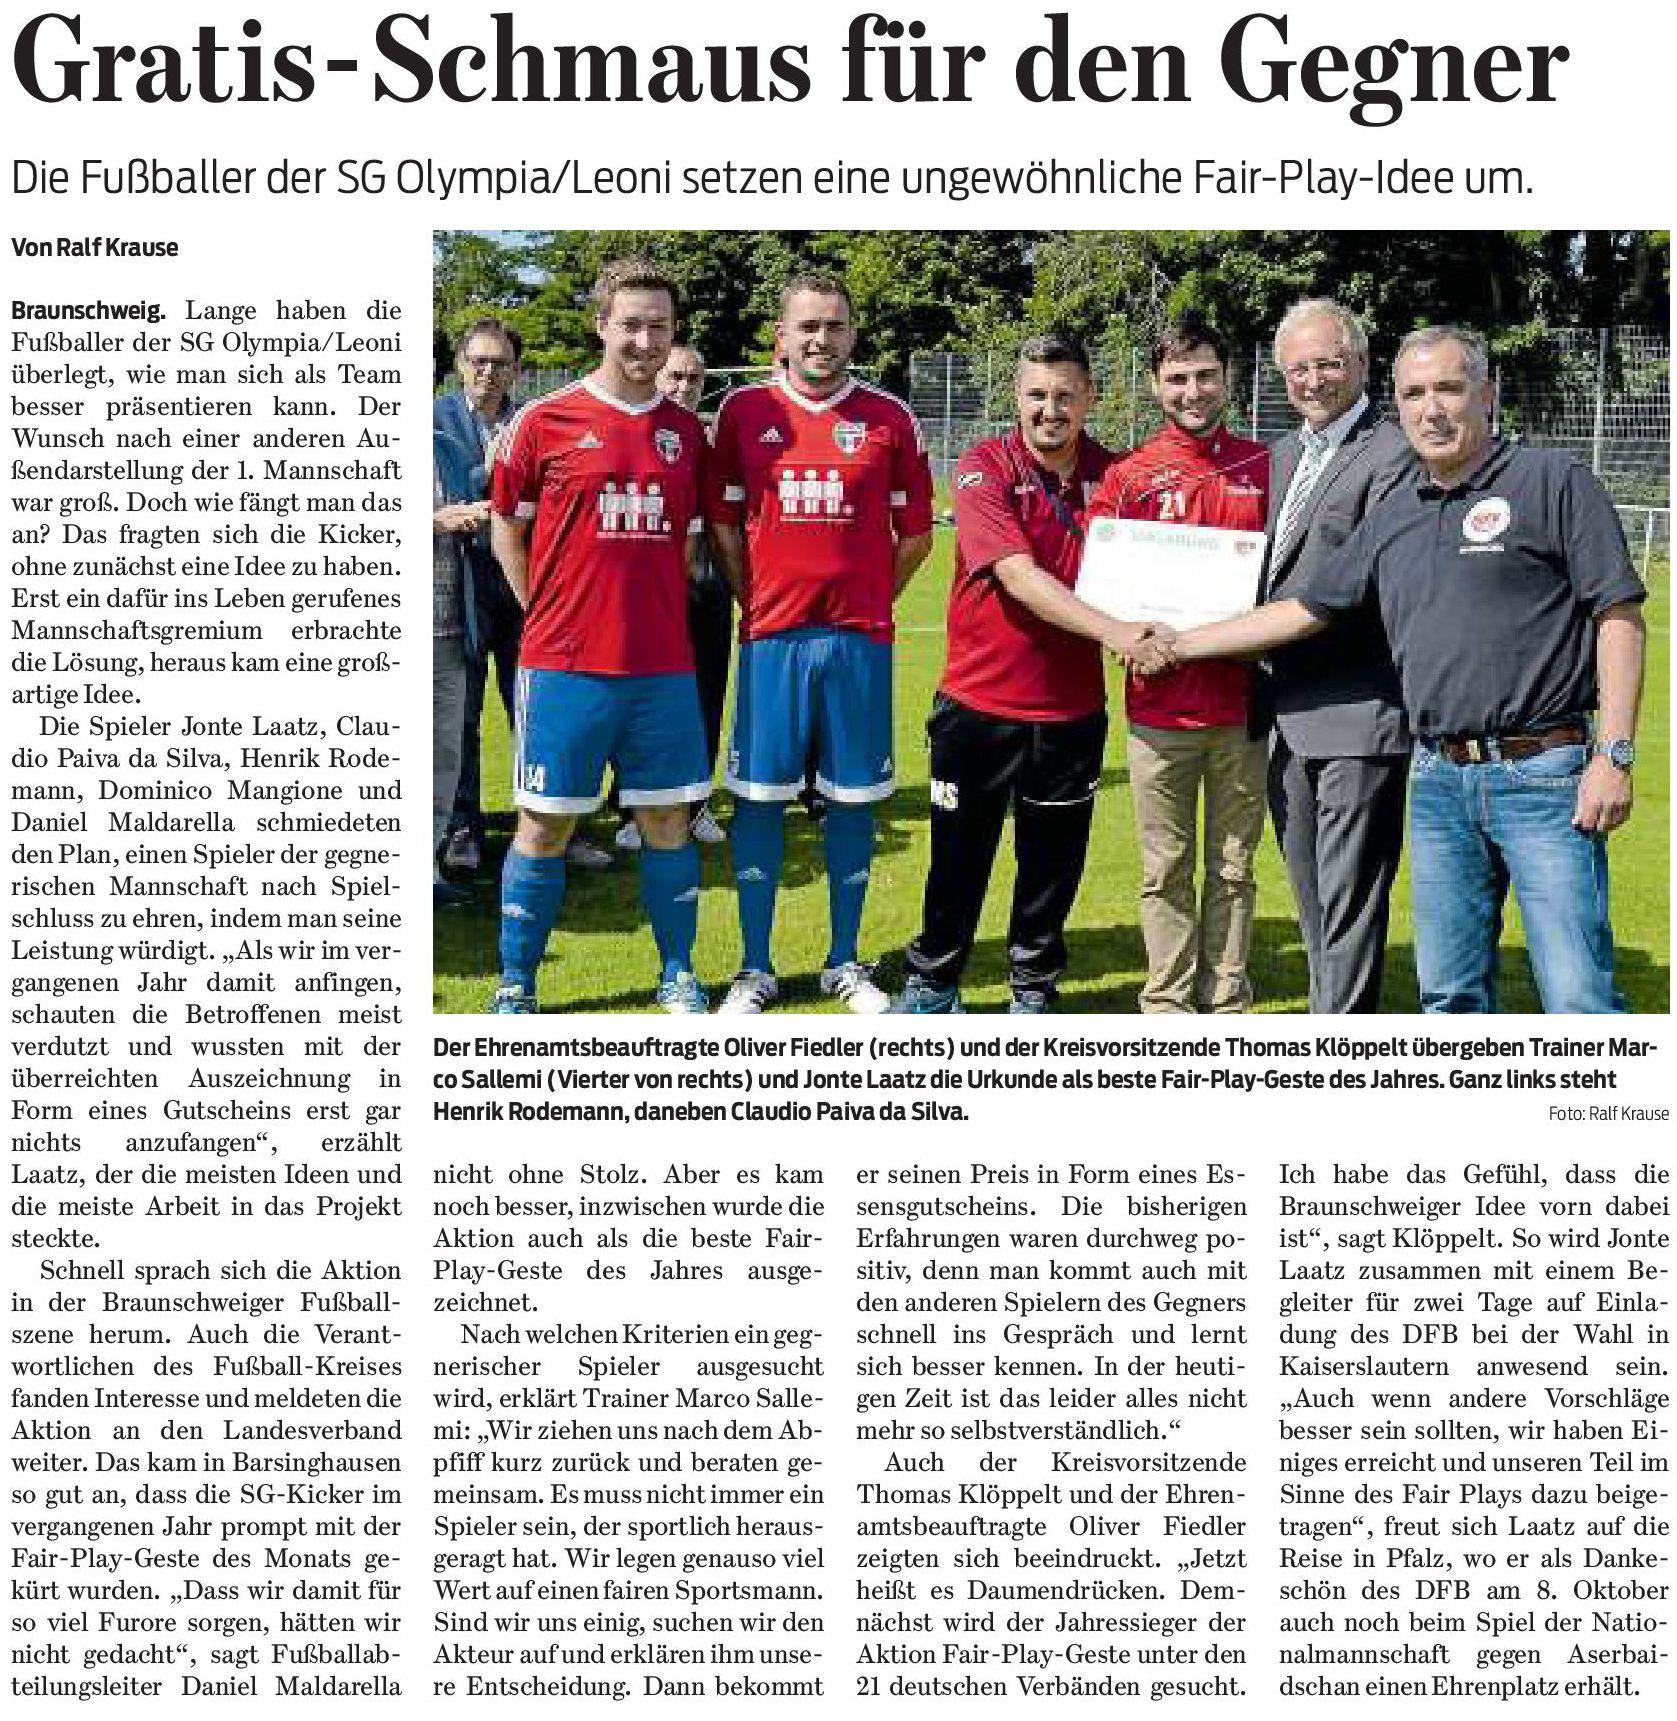 Quelle: Braunschweiger Zeitung vom 06.09.2017